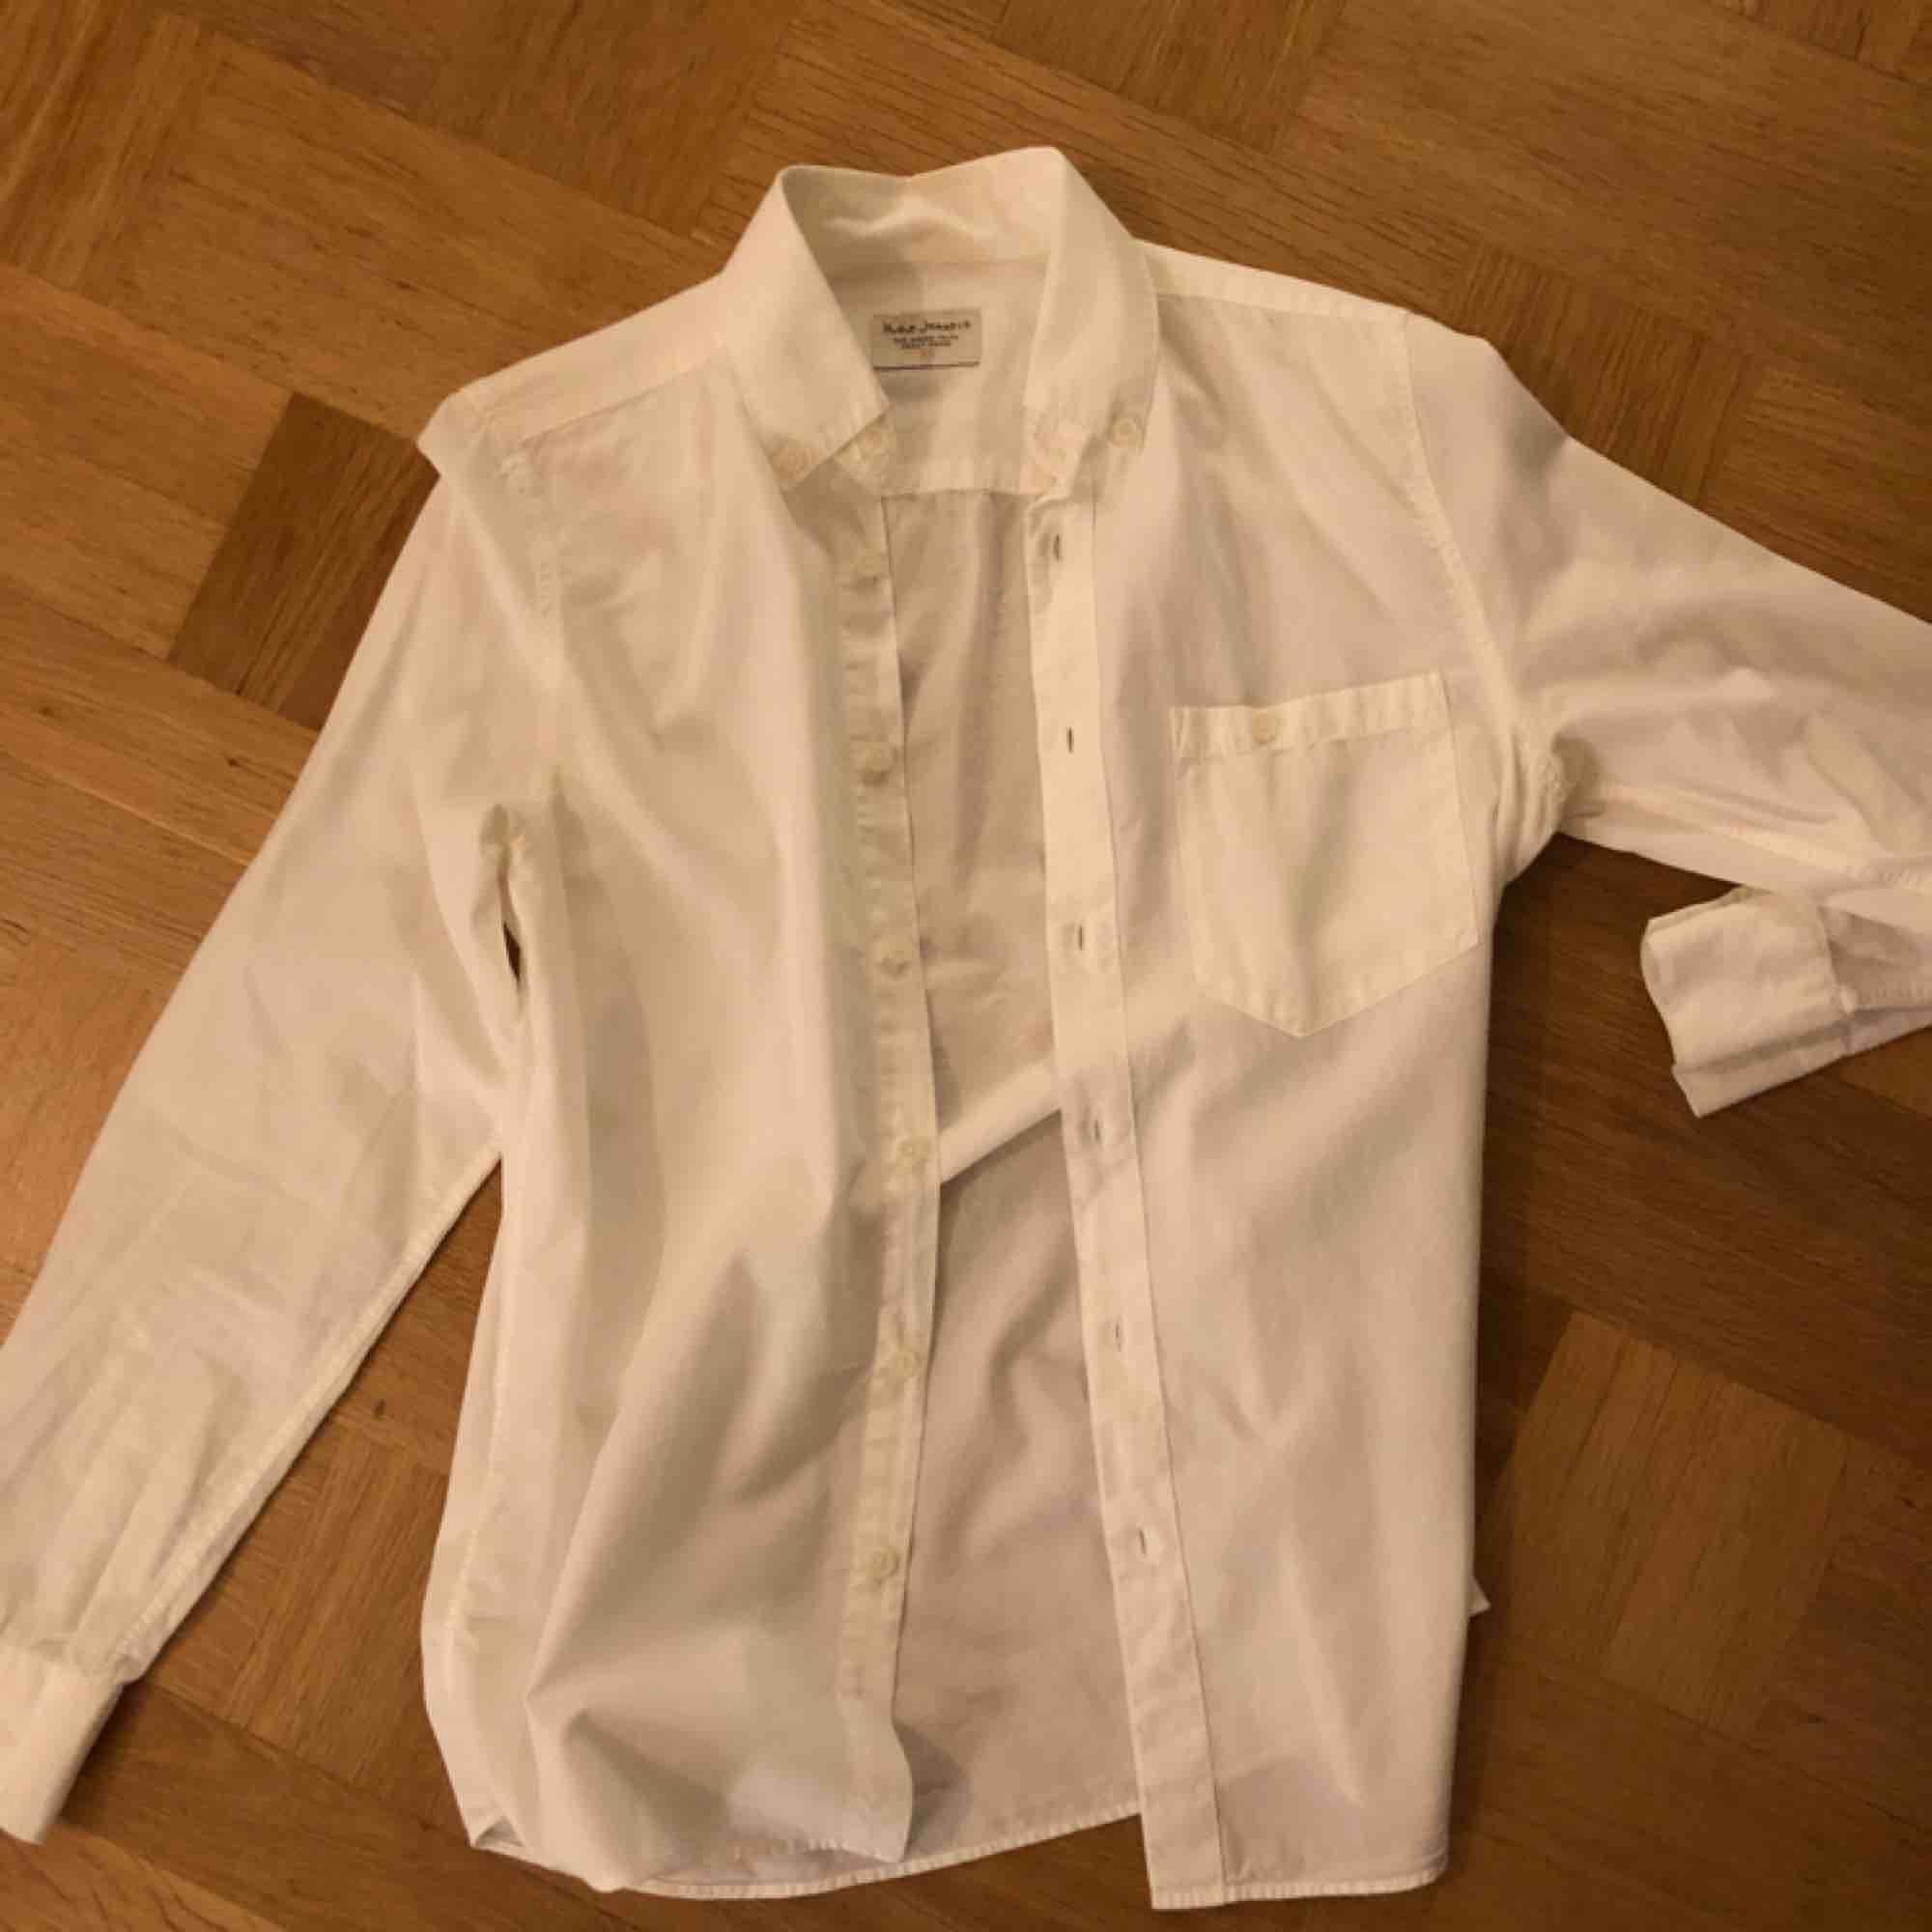 Benvit skjorta från Nudie Jeans Company. Använd 4-5 gånger - mkt fint skick! Inköpt 2014, tror den kostade 900 spänn. Skjortor.